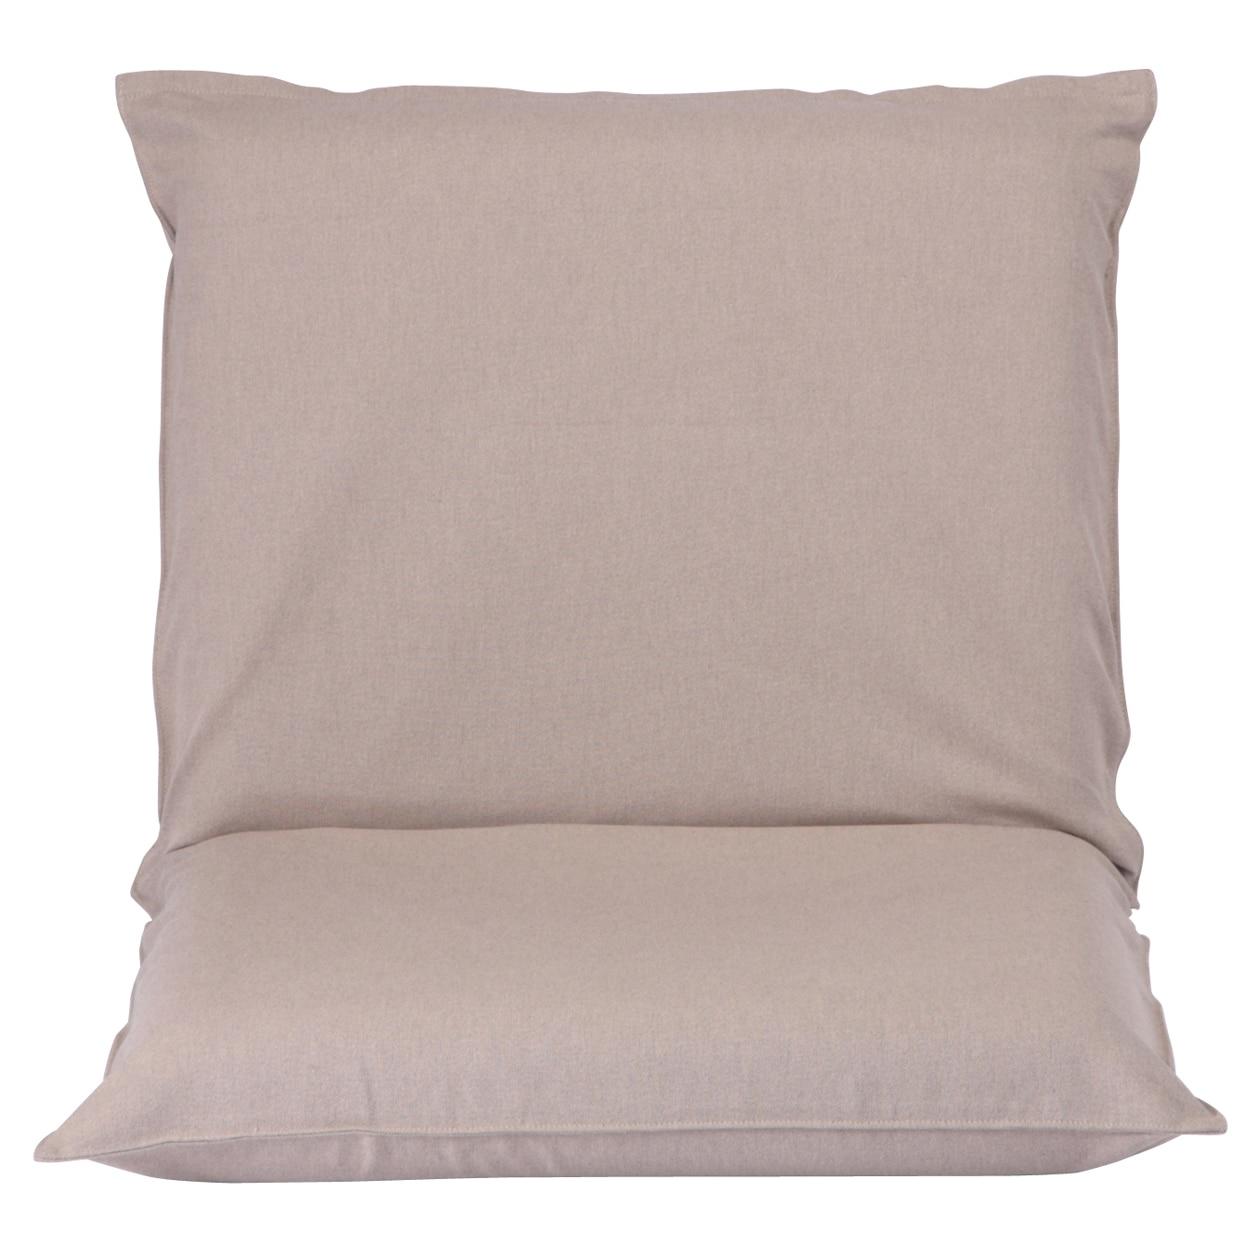 座いす大用カバー/綿平織ベージュ